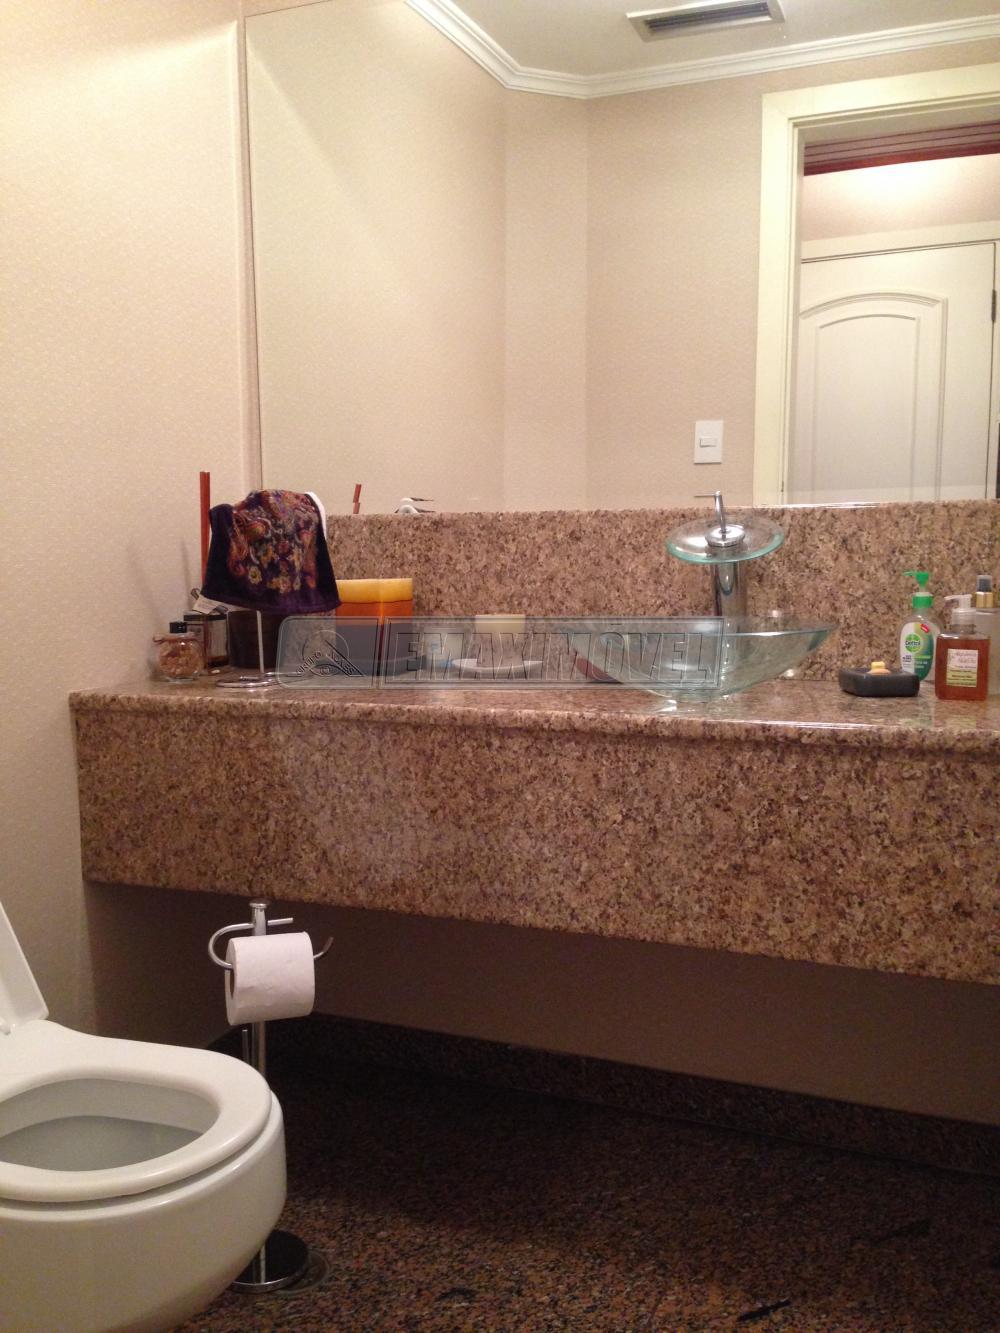 Alugar Apartamento / Padrão em Sorocaba R$ 3.300,00 - Foto 5